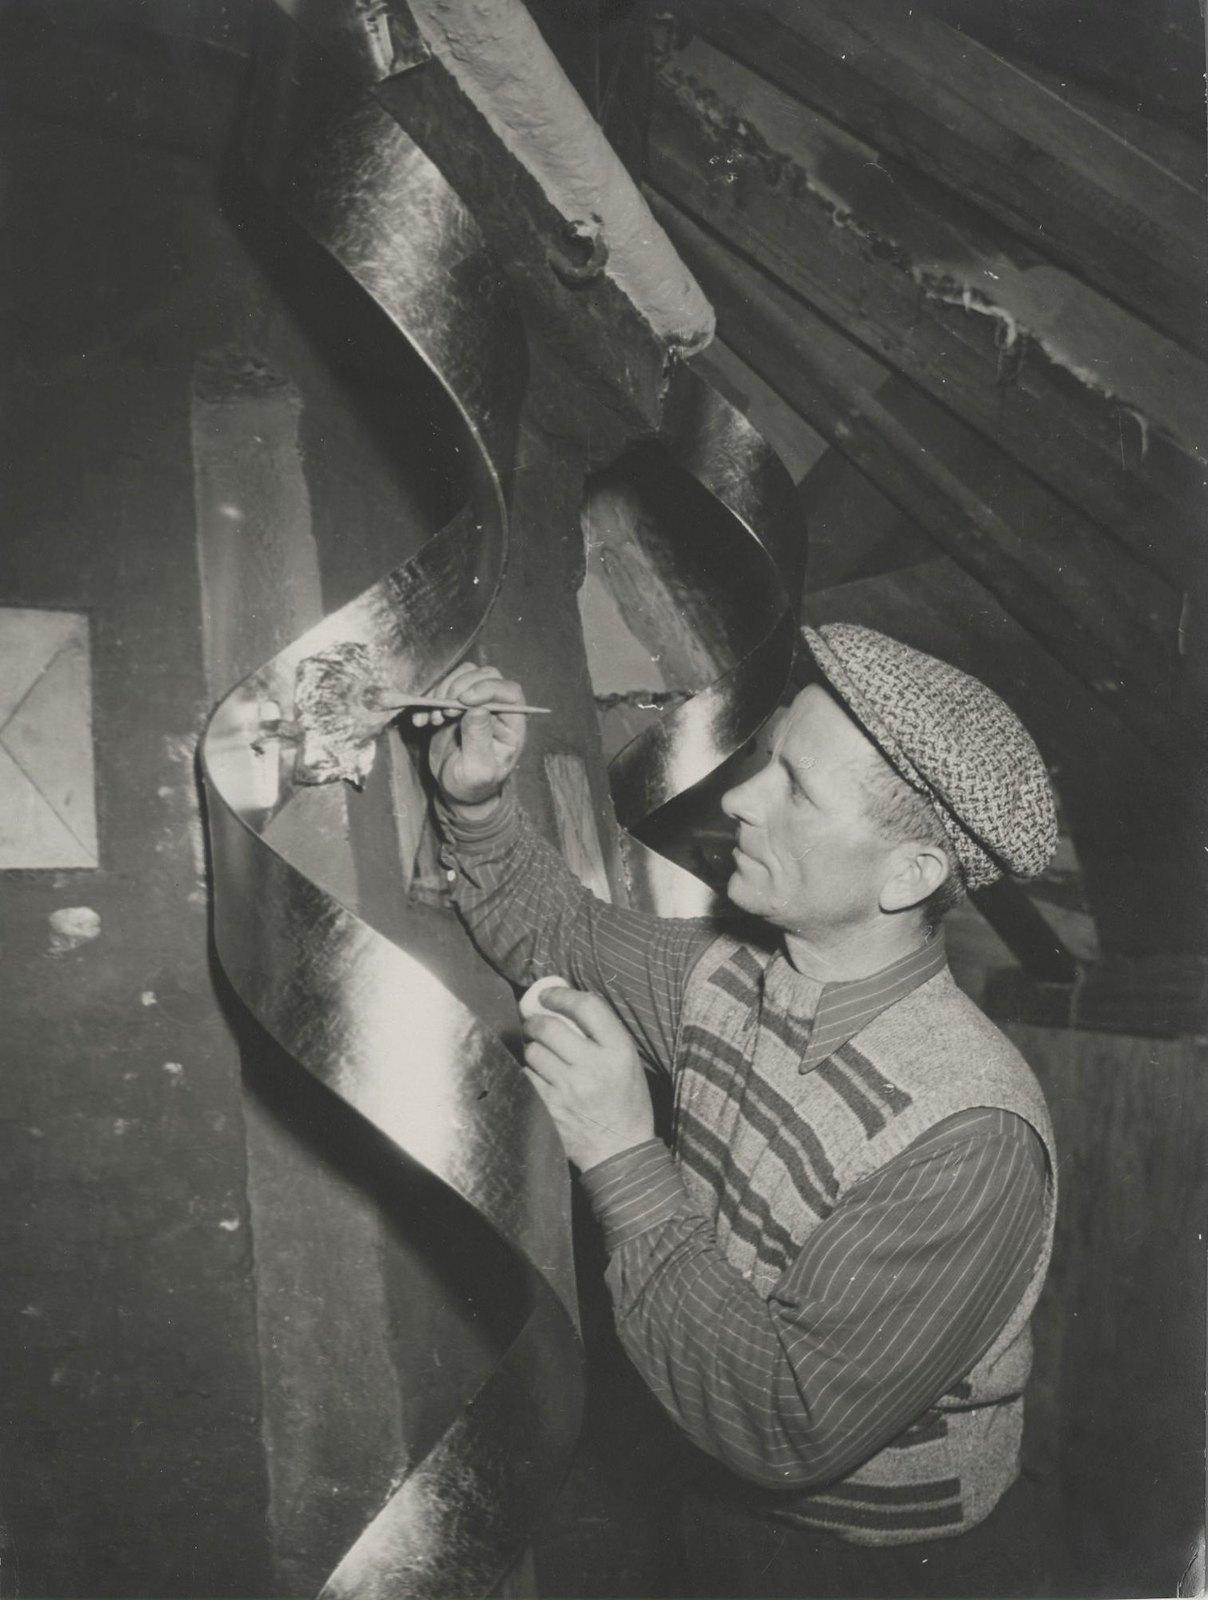 1954-1955. Реставрация Храма Василия Блаженного. Золочение 14-метровых спиралей на центральном шатре